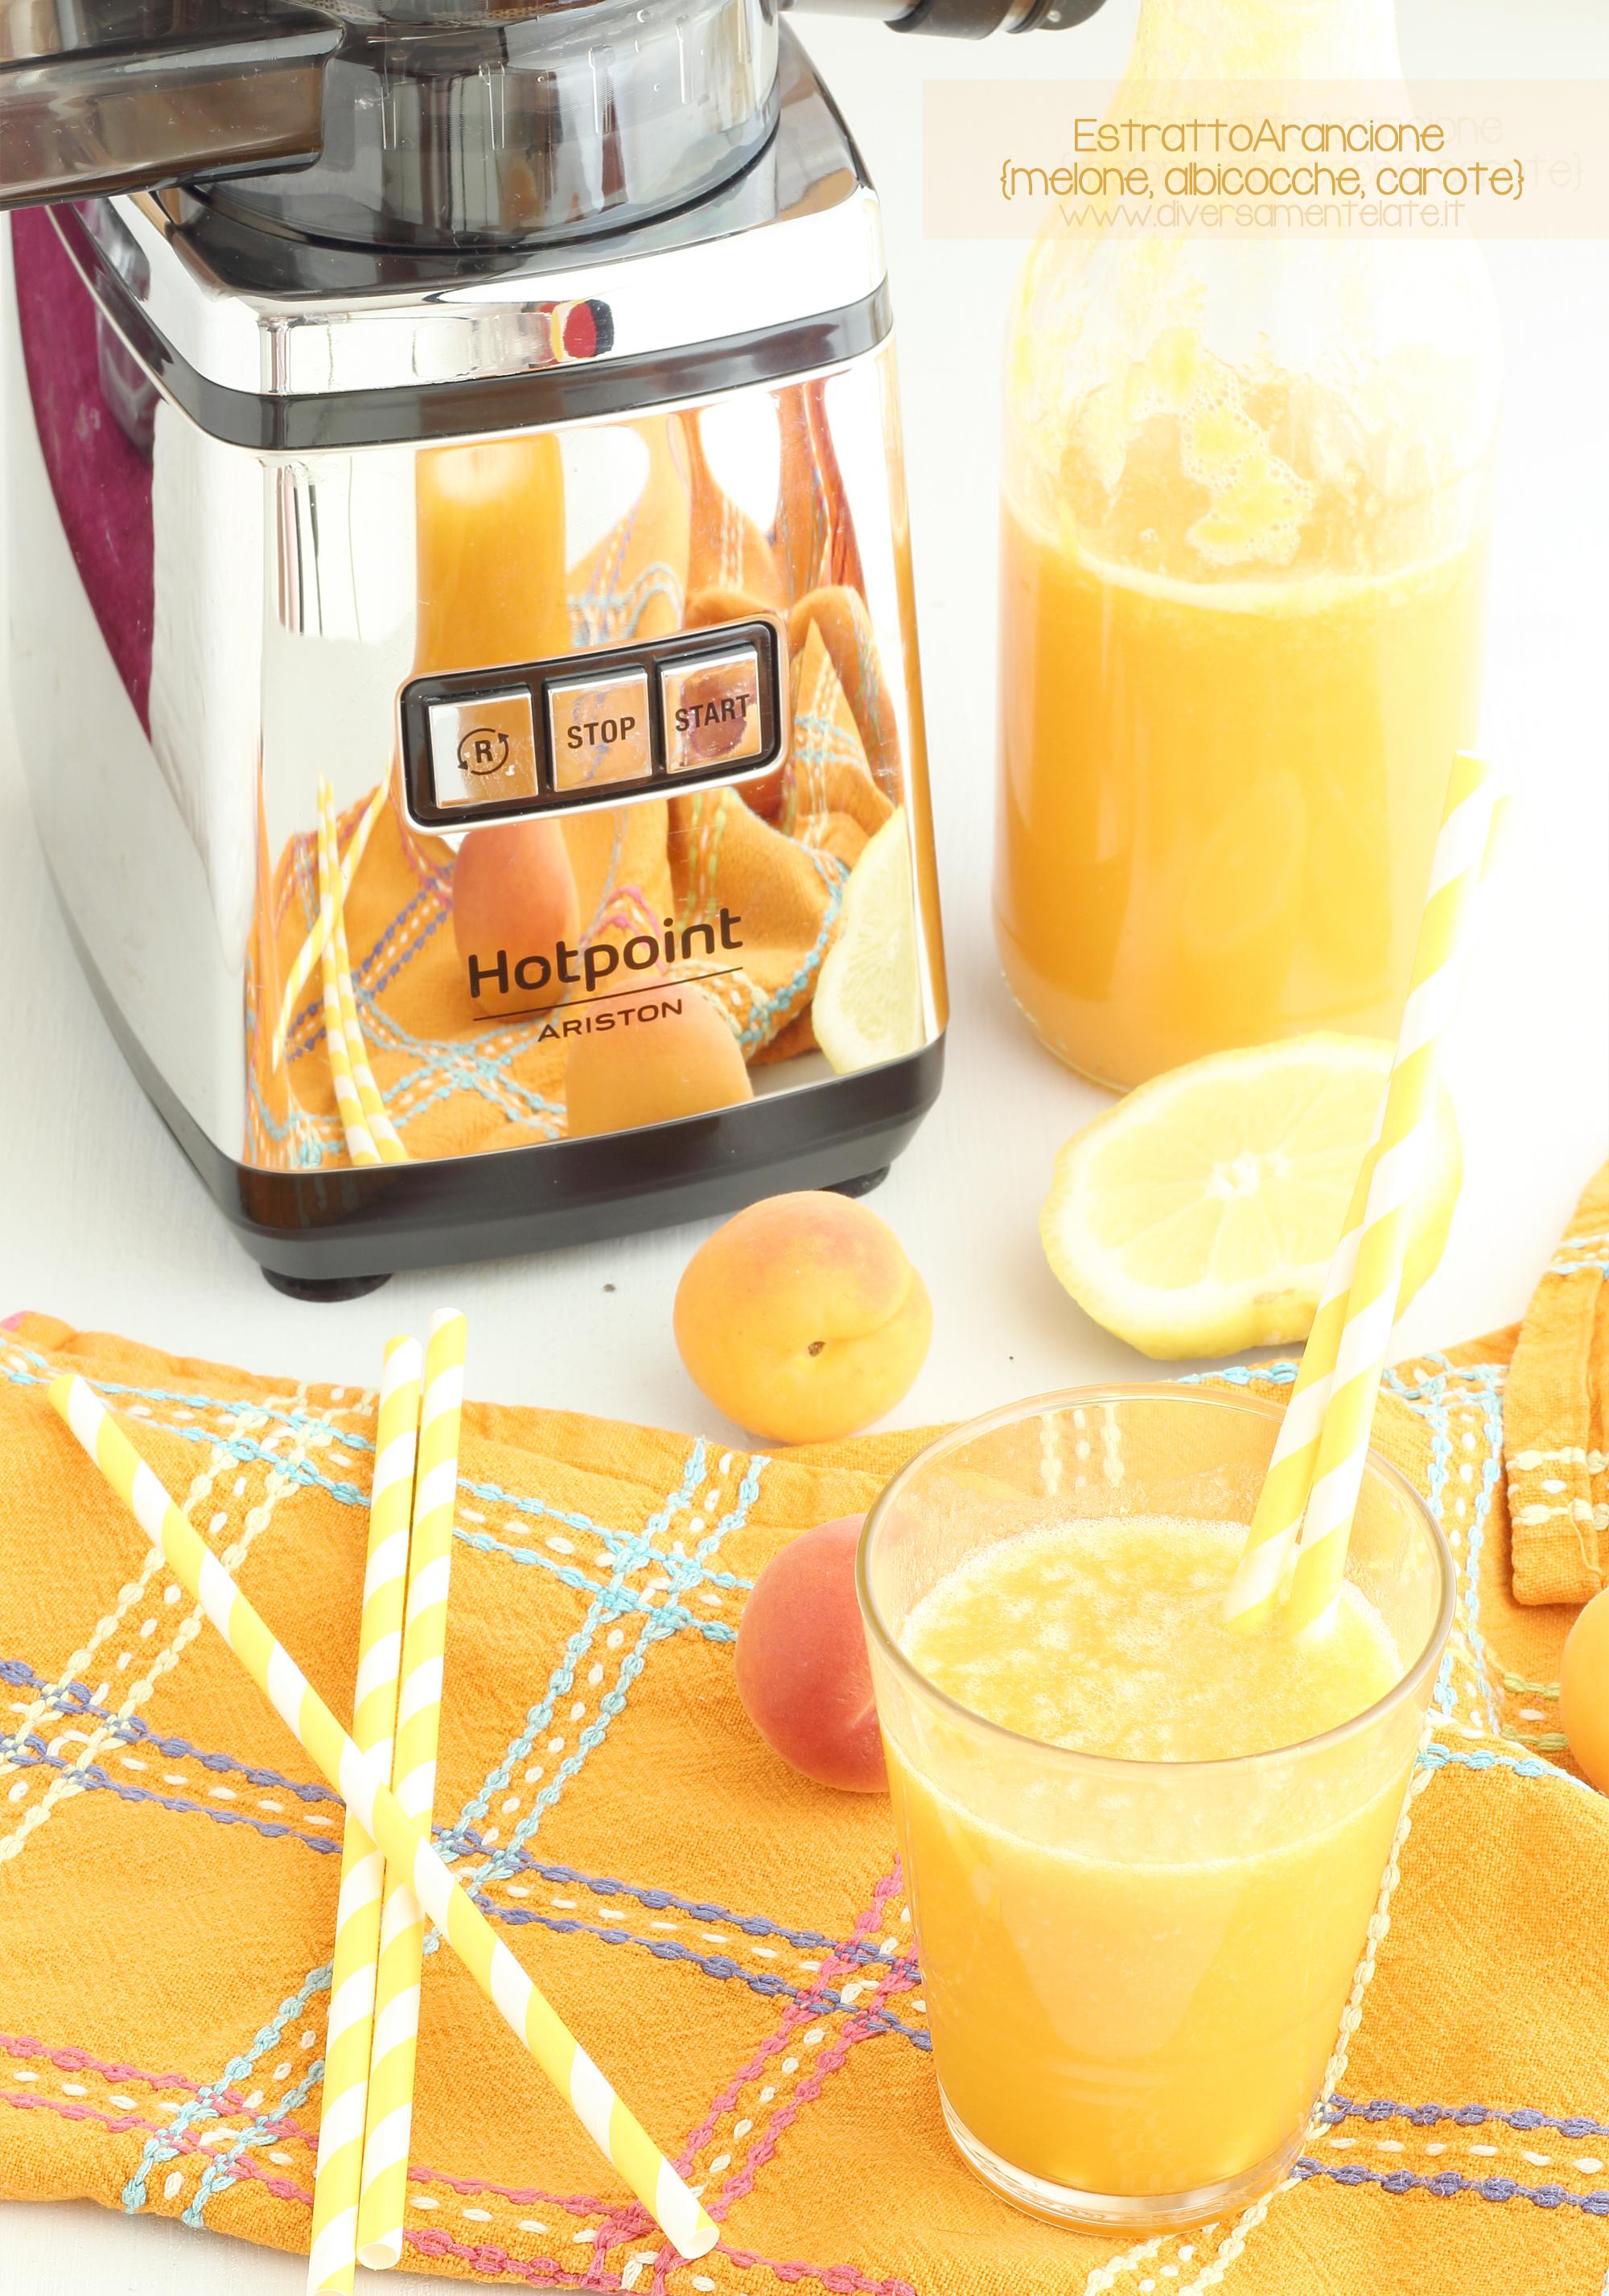 estratto arancione melone albicocche carote